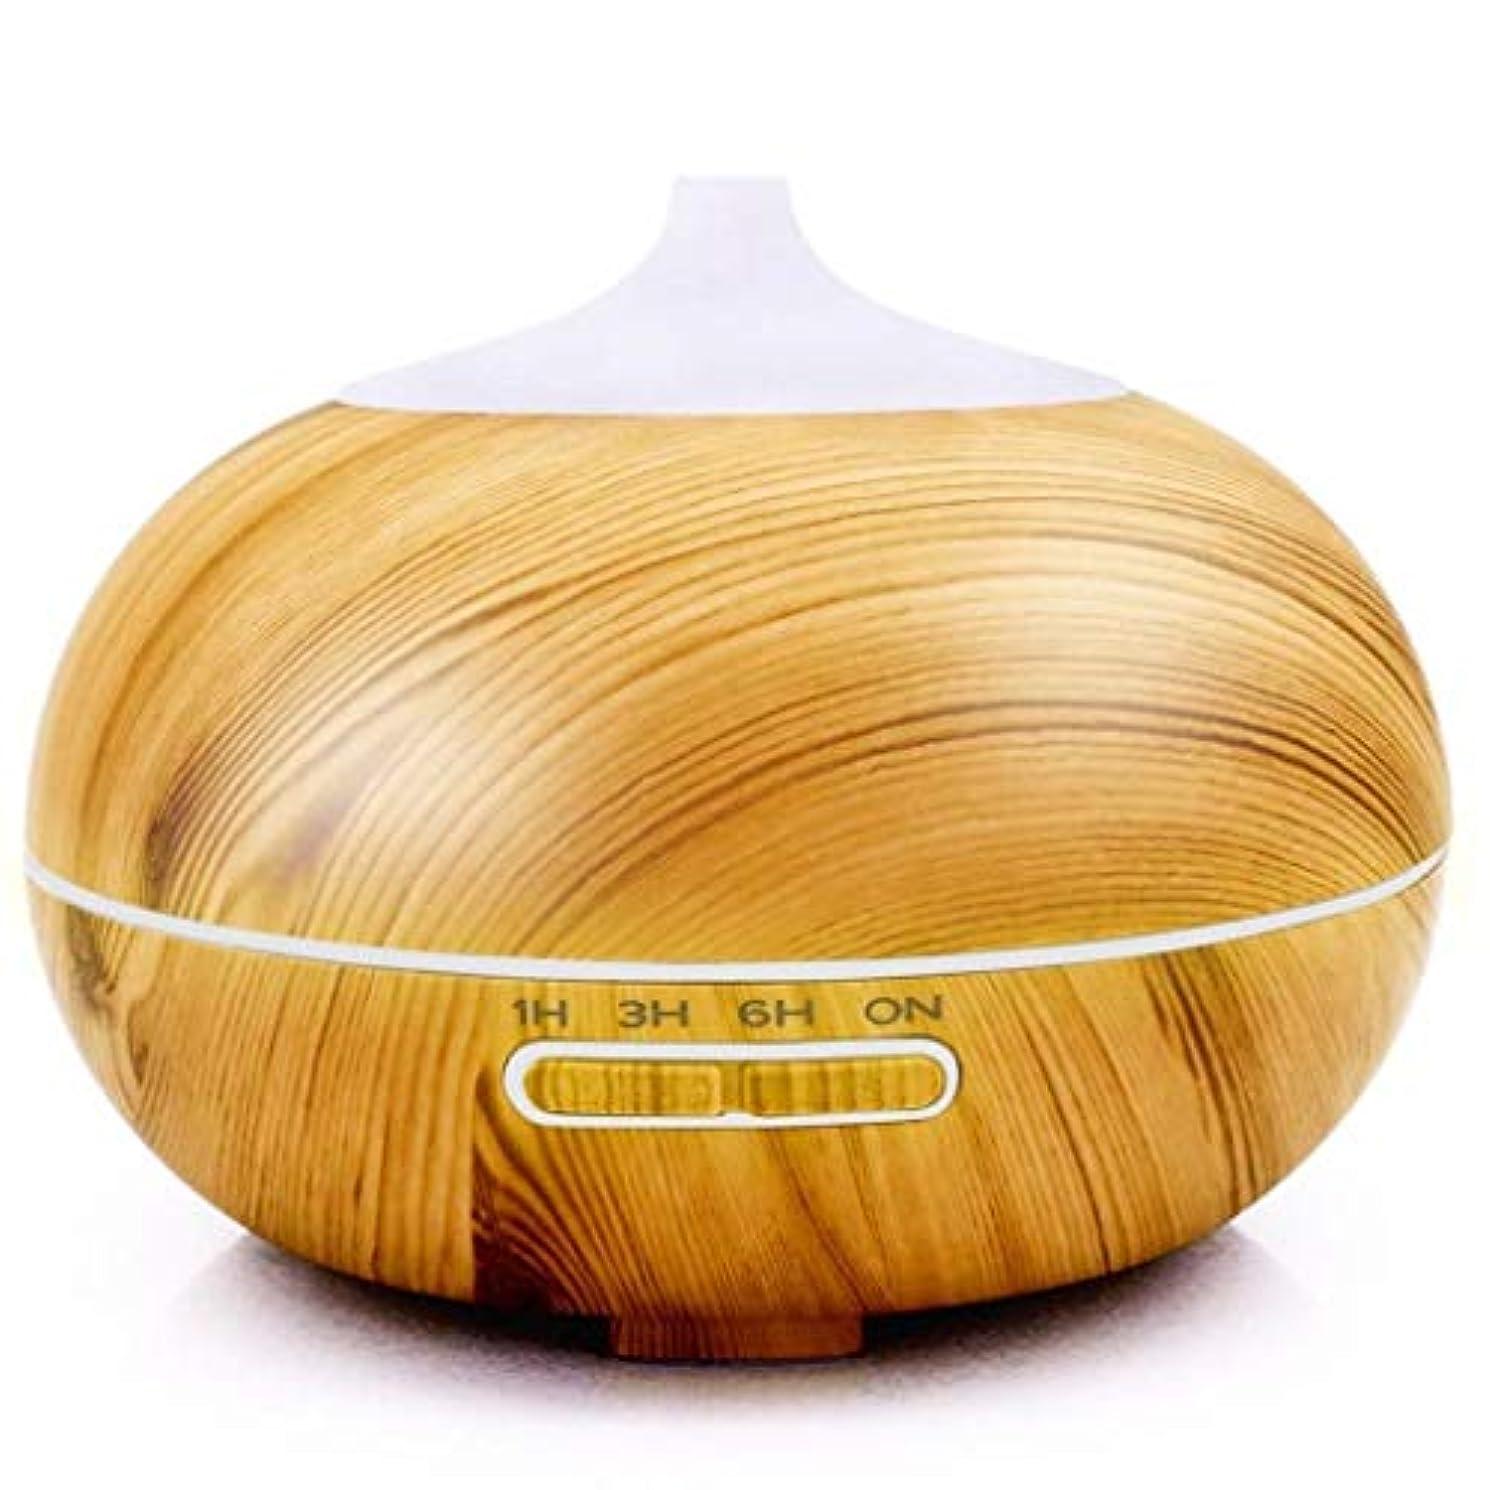 株式会社絡まる憂慮すべき300ミリリットルエッセンシャルオイルディフューザーアロマディフューザー木材穀物アロマディフューザーで7色ledライトウォーターレス自動シャットオフ用ホームオフィスヨガ (Color : Light Wood Grain)